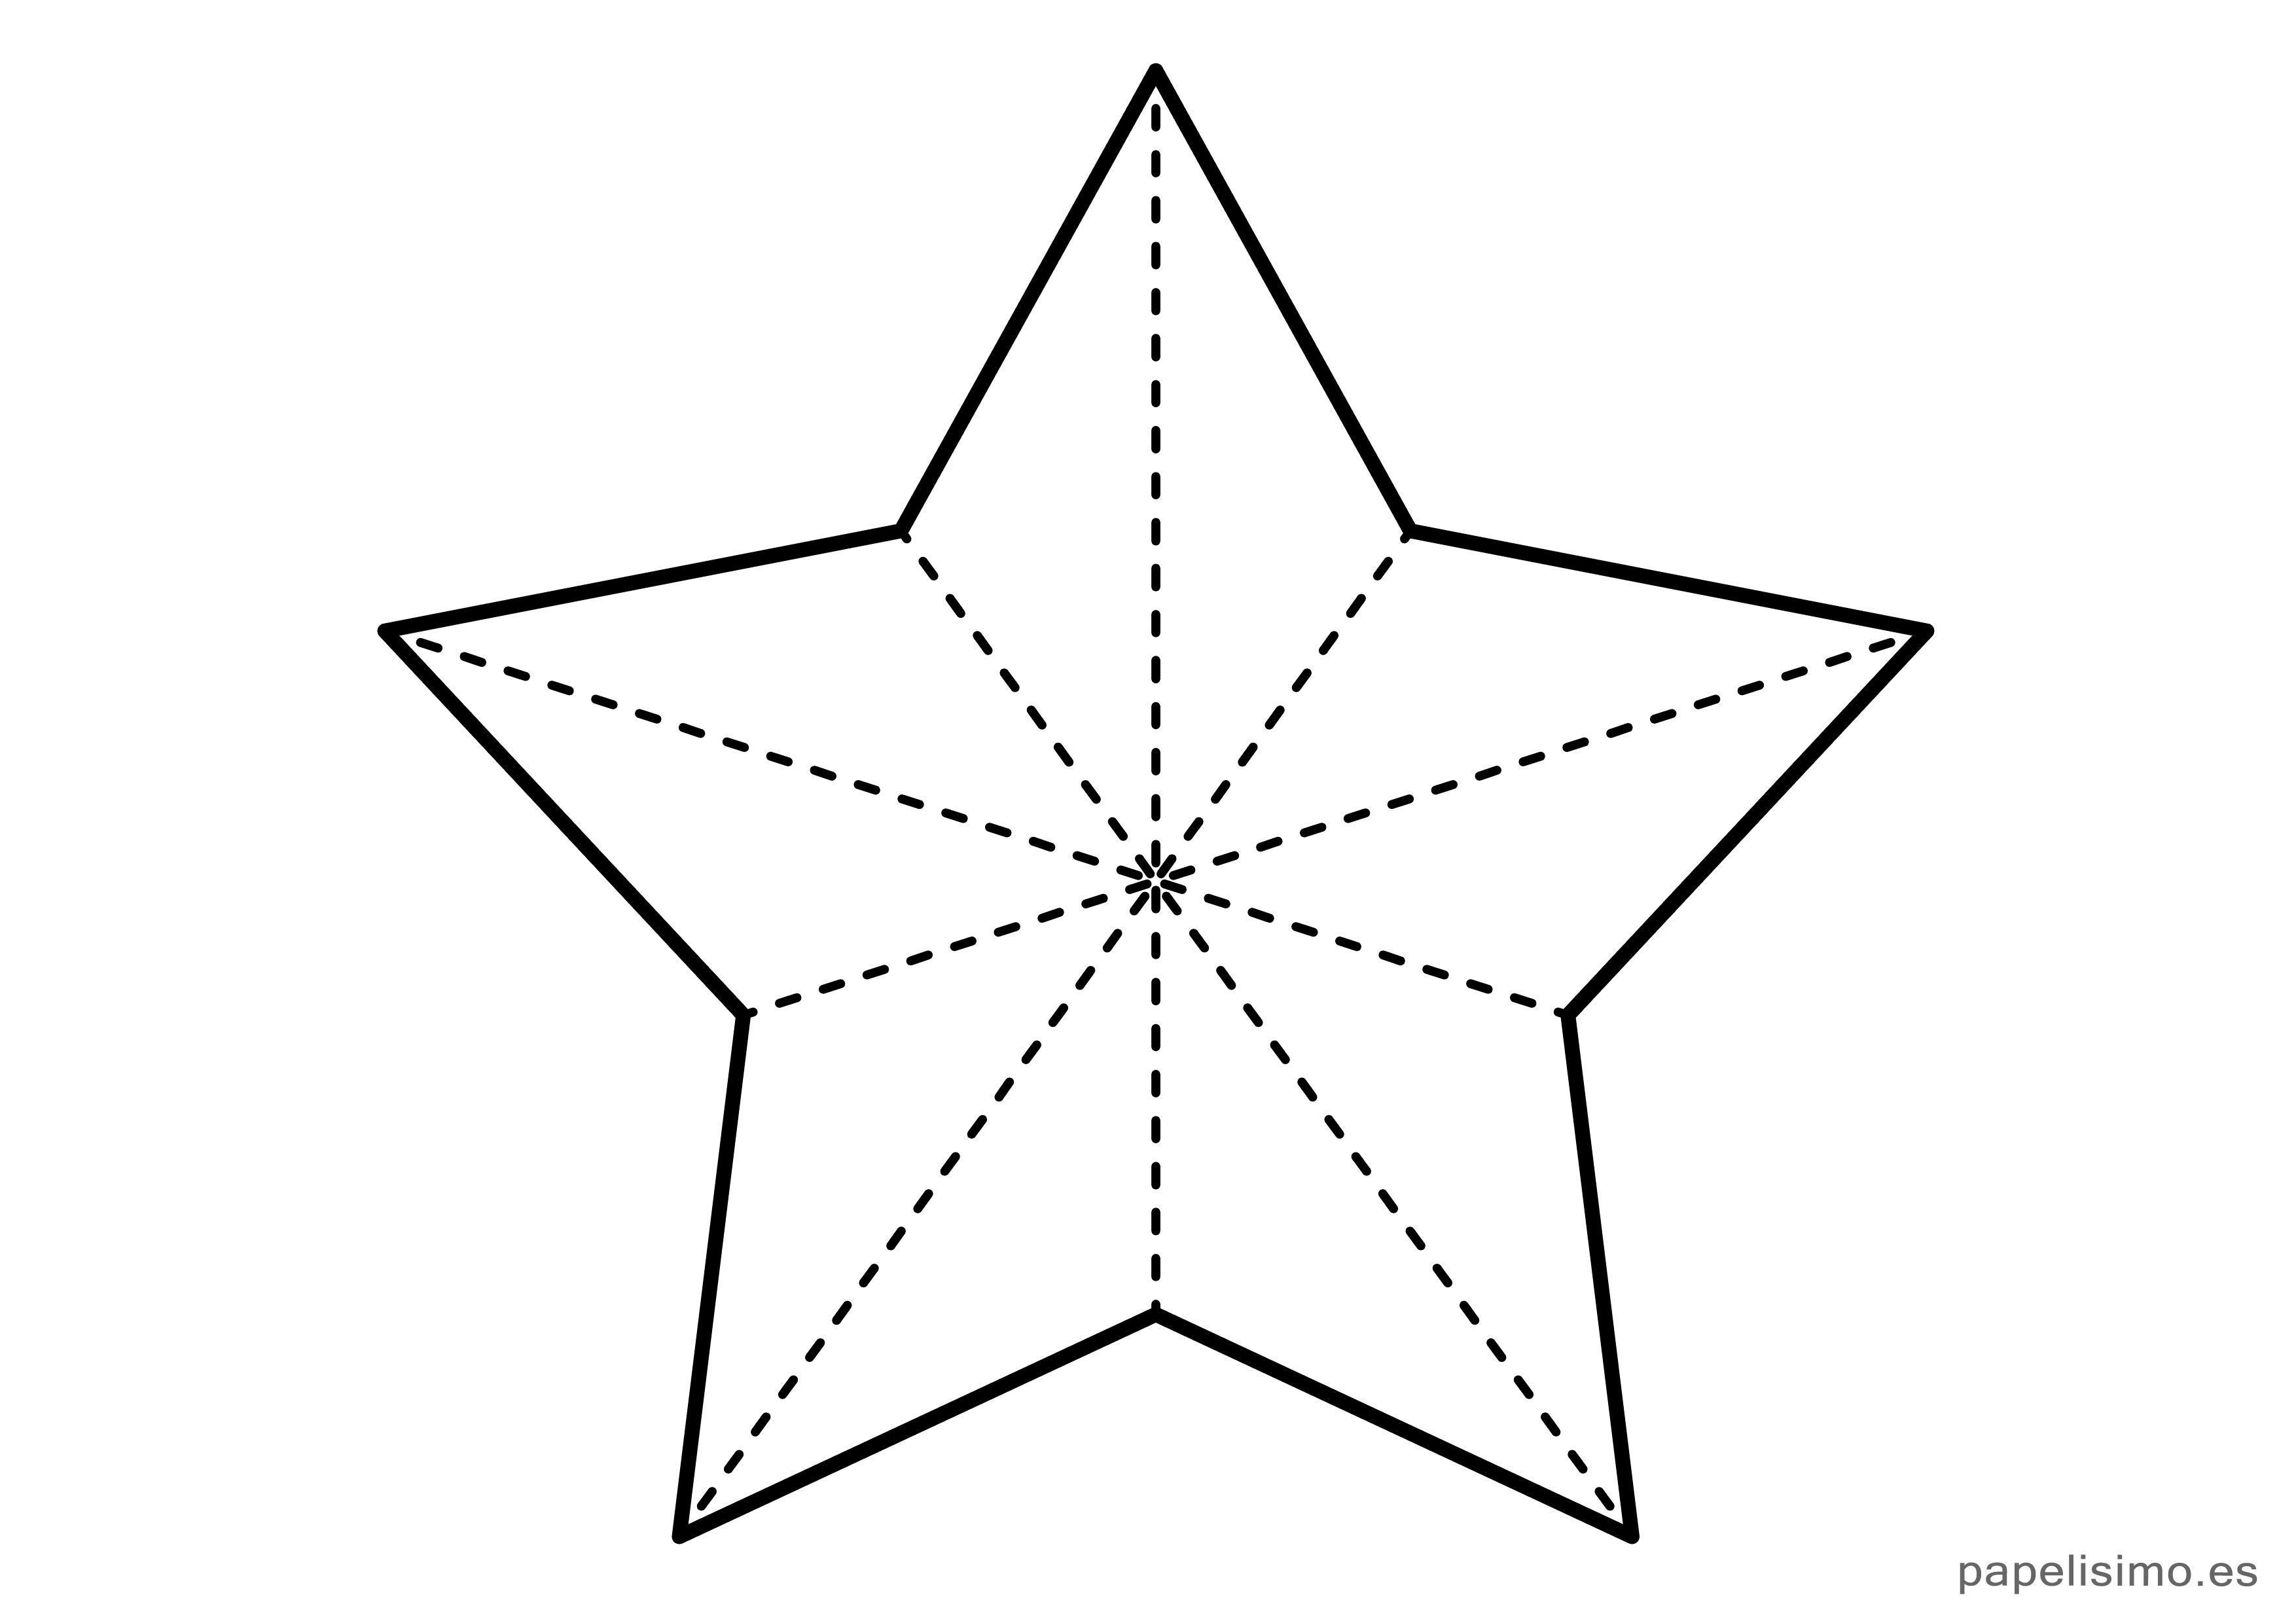 Plantilla Estrella Cinco Puntas Navidad Grande Estrellas De Papel Navidad Estrella De Navidad Manualidades Estrellas De Papel